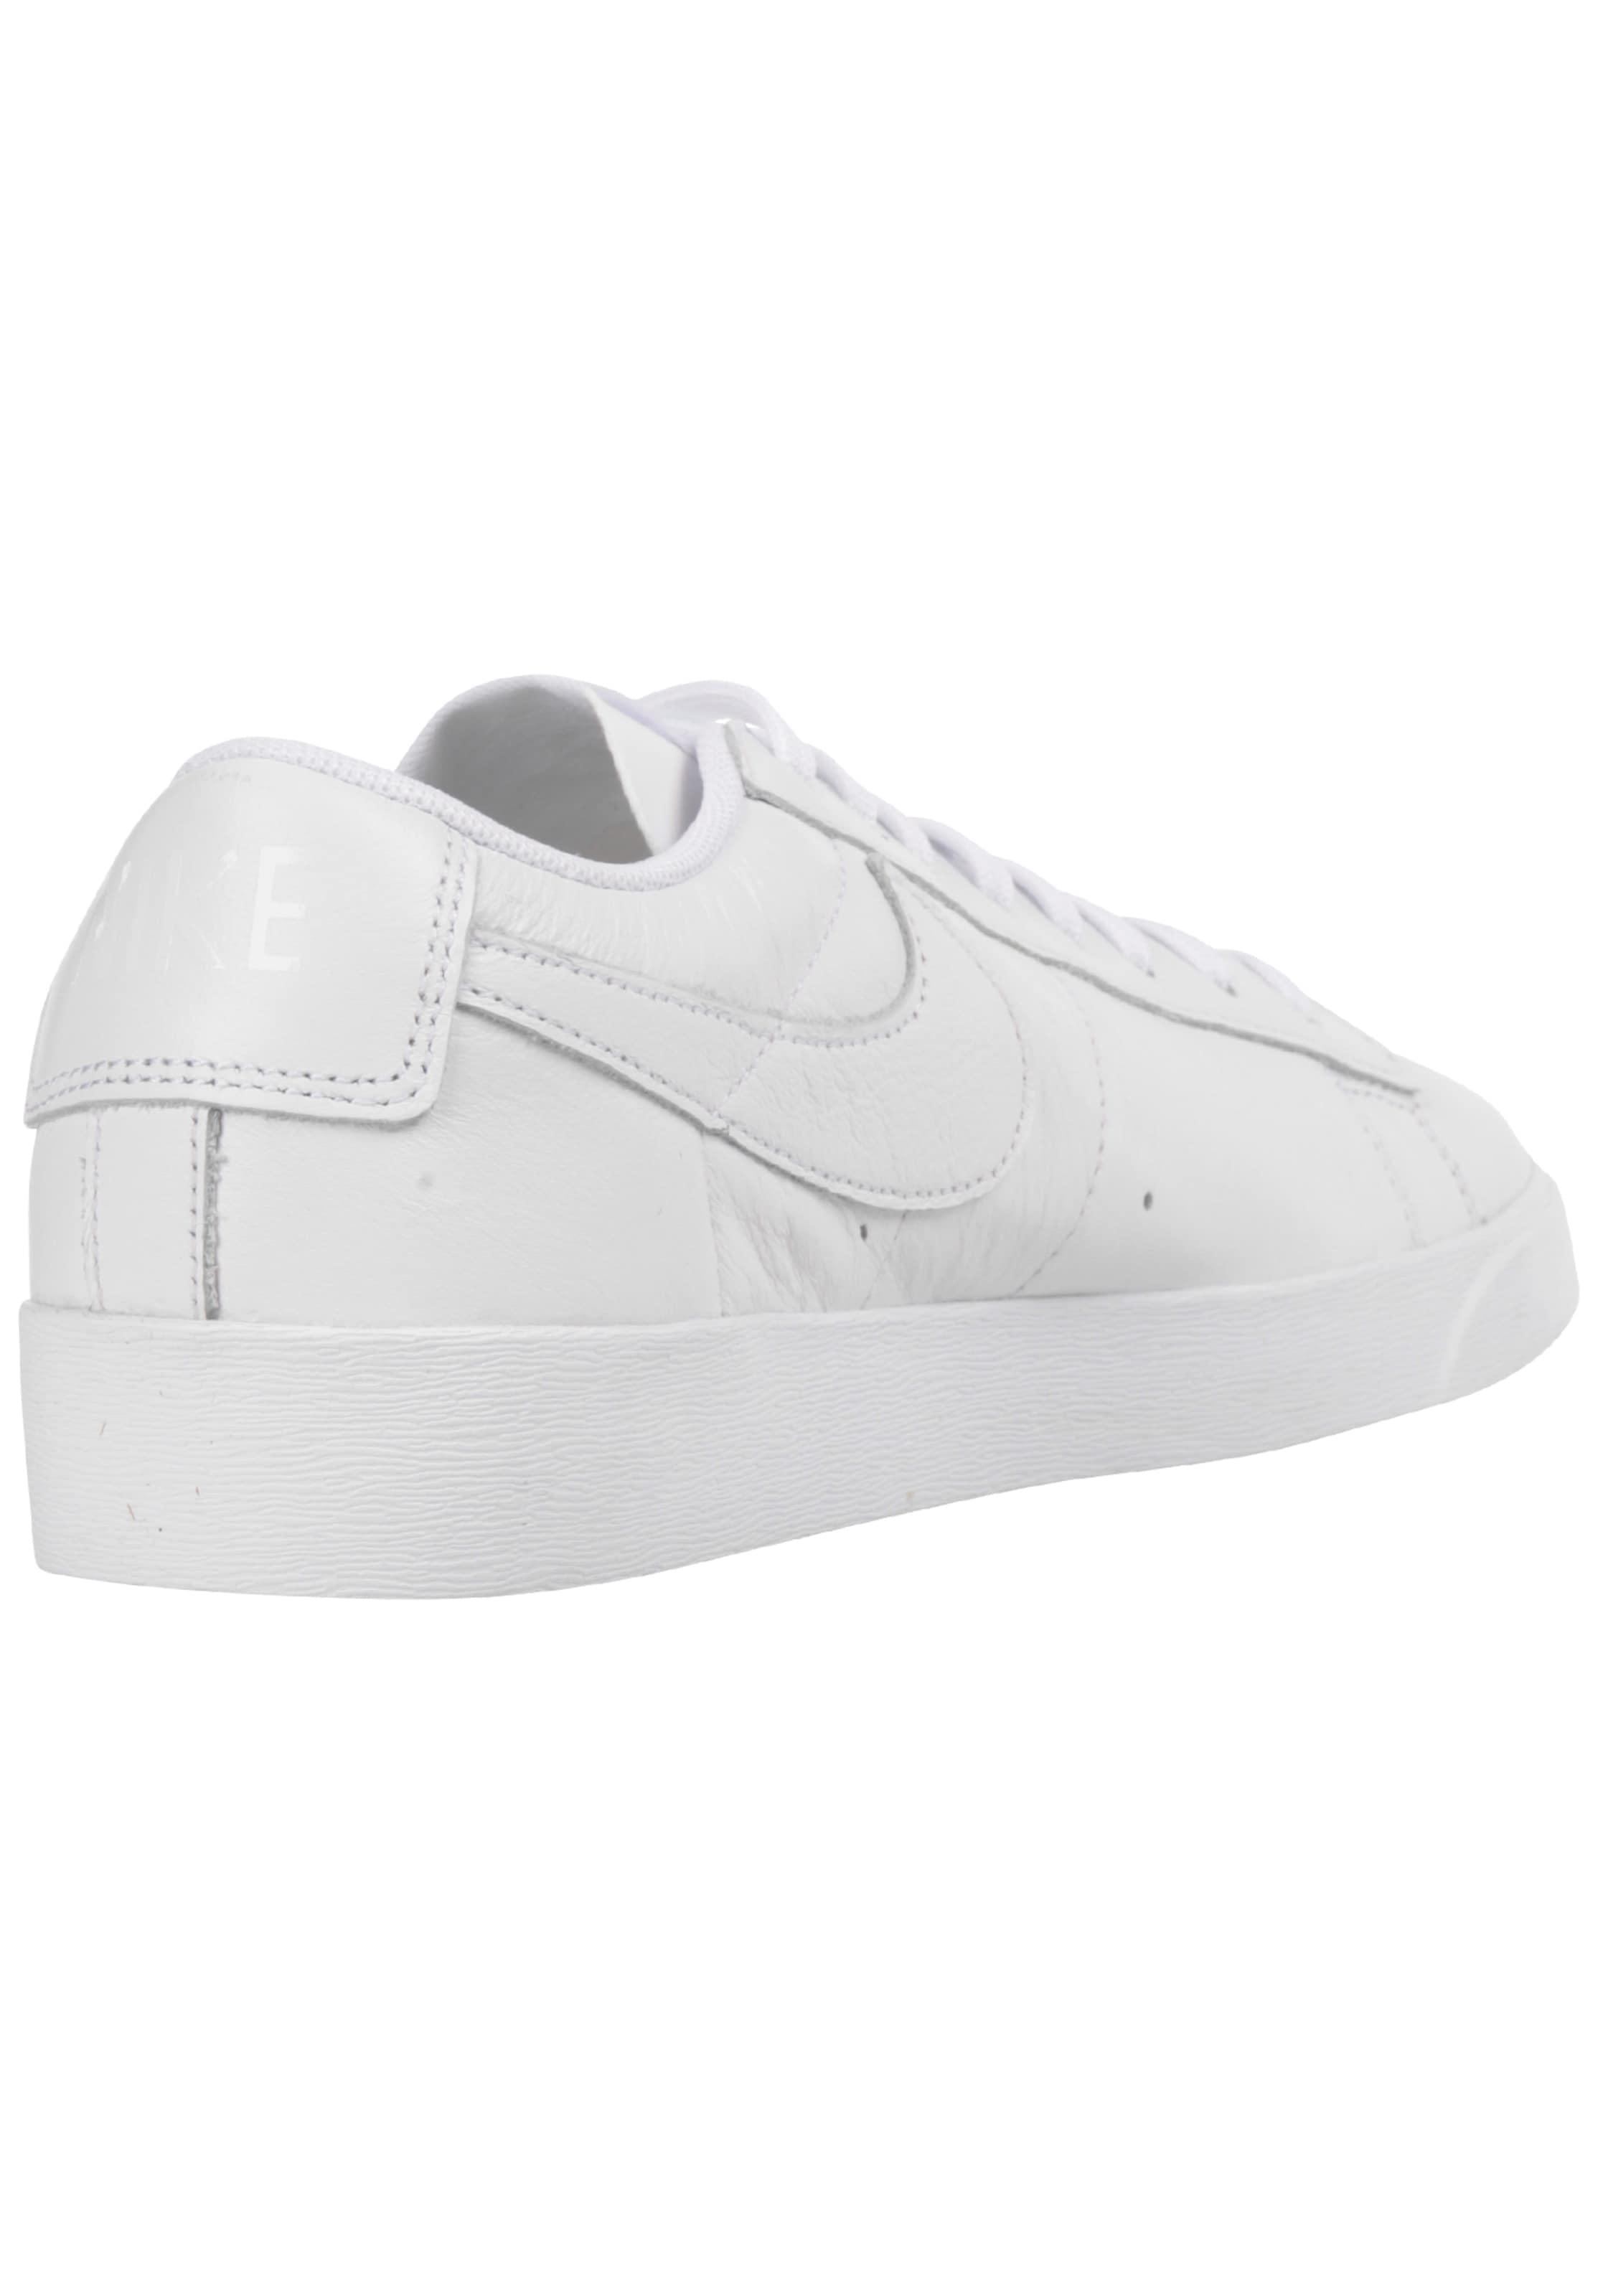 Weiß Nike Low Sneaker In Sportswear Le Blazer 3RL5Aj4